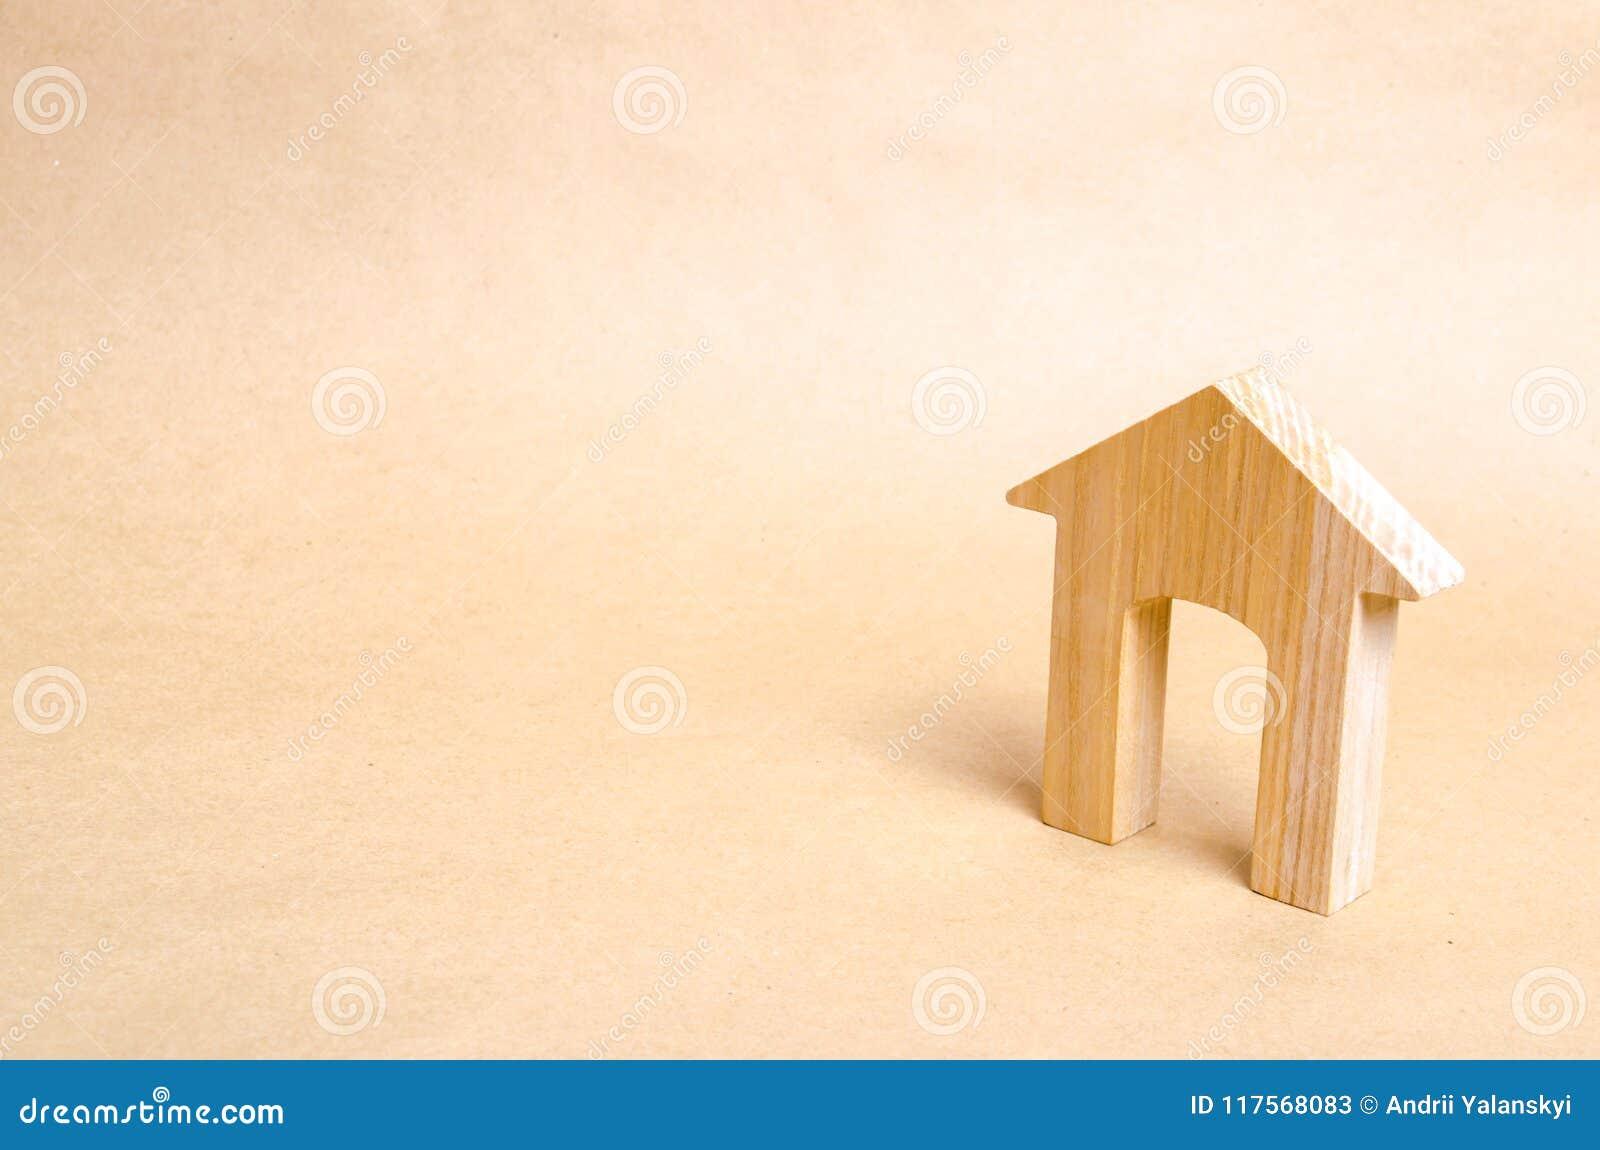 Drewniany dom z drzwi wielkimi stojakami na beżu papieru tle Pojęcie kupienie i sprzedawanie budynek mieszkalny dziejowy